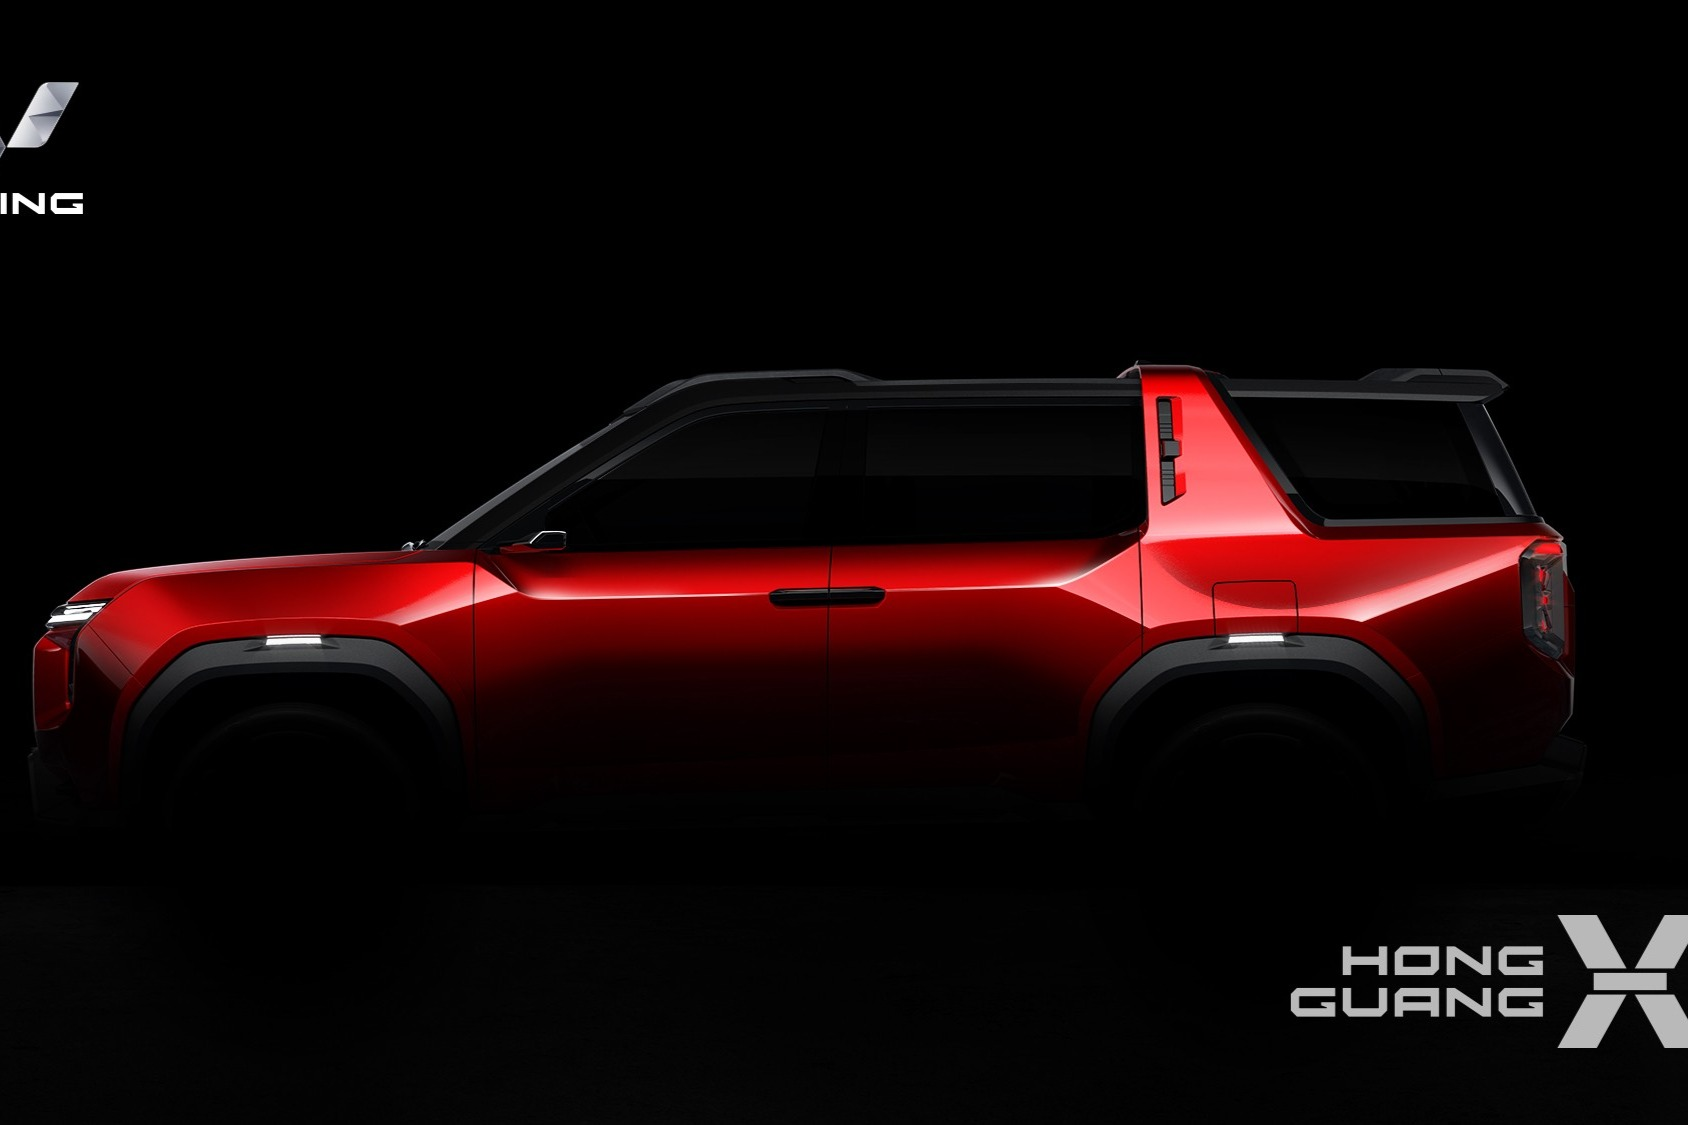 五菱汽车发布全球银标概念车预告图 将于7月24日亮相